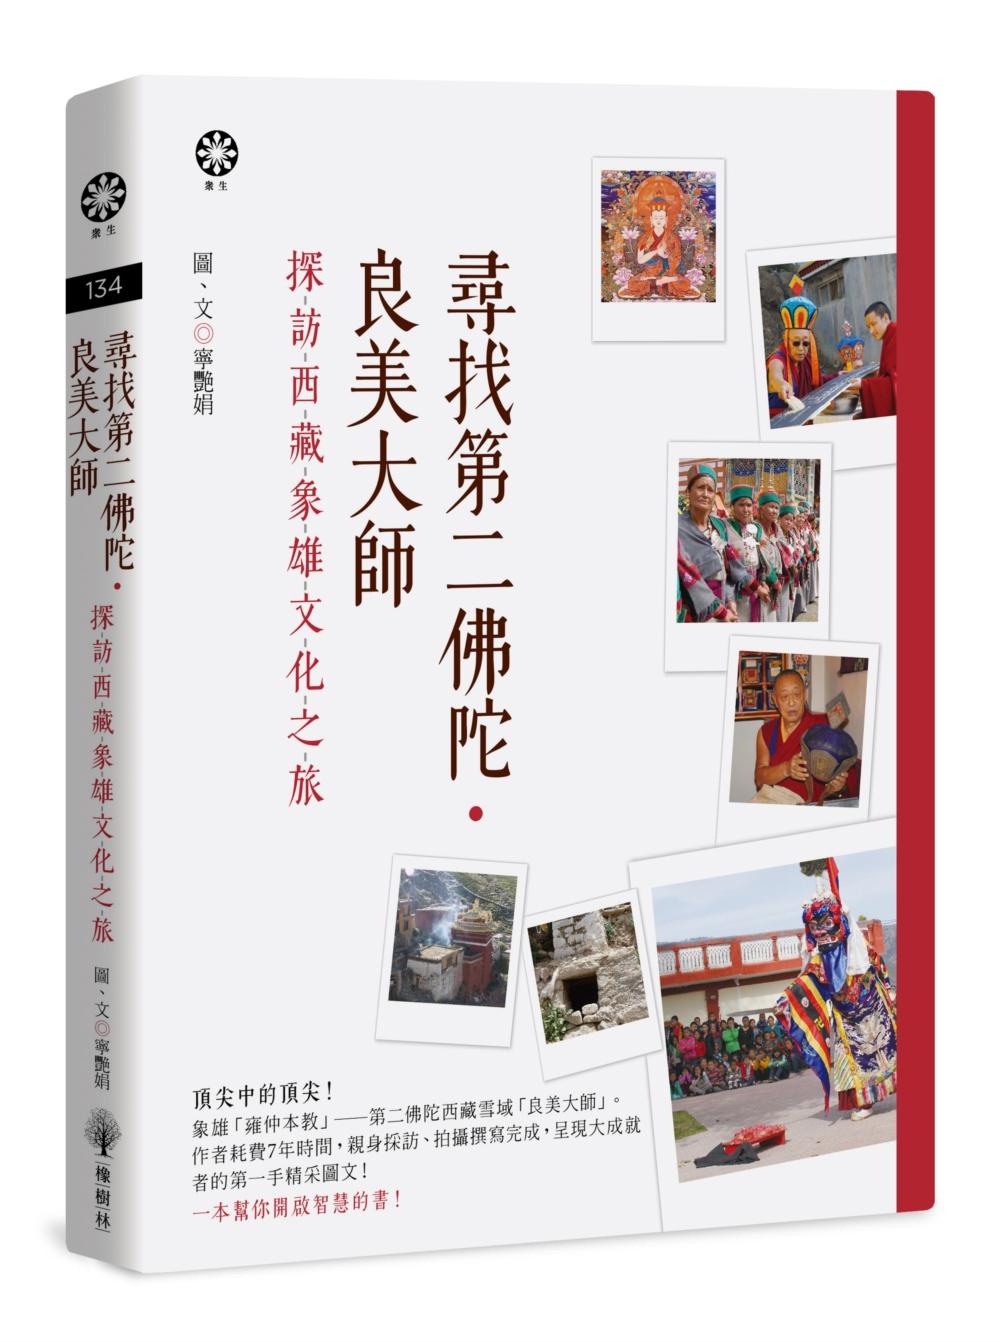 《尋找第二佛陀‧良美大師:探訪西藏象雄文明之旅》 商品條碼,ISBN:9789865613617